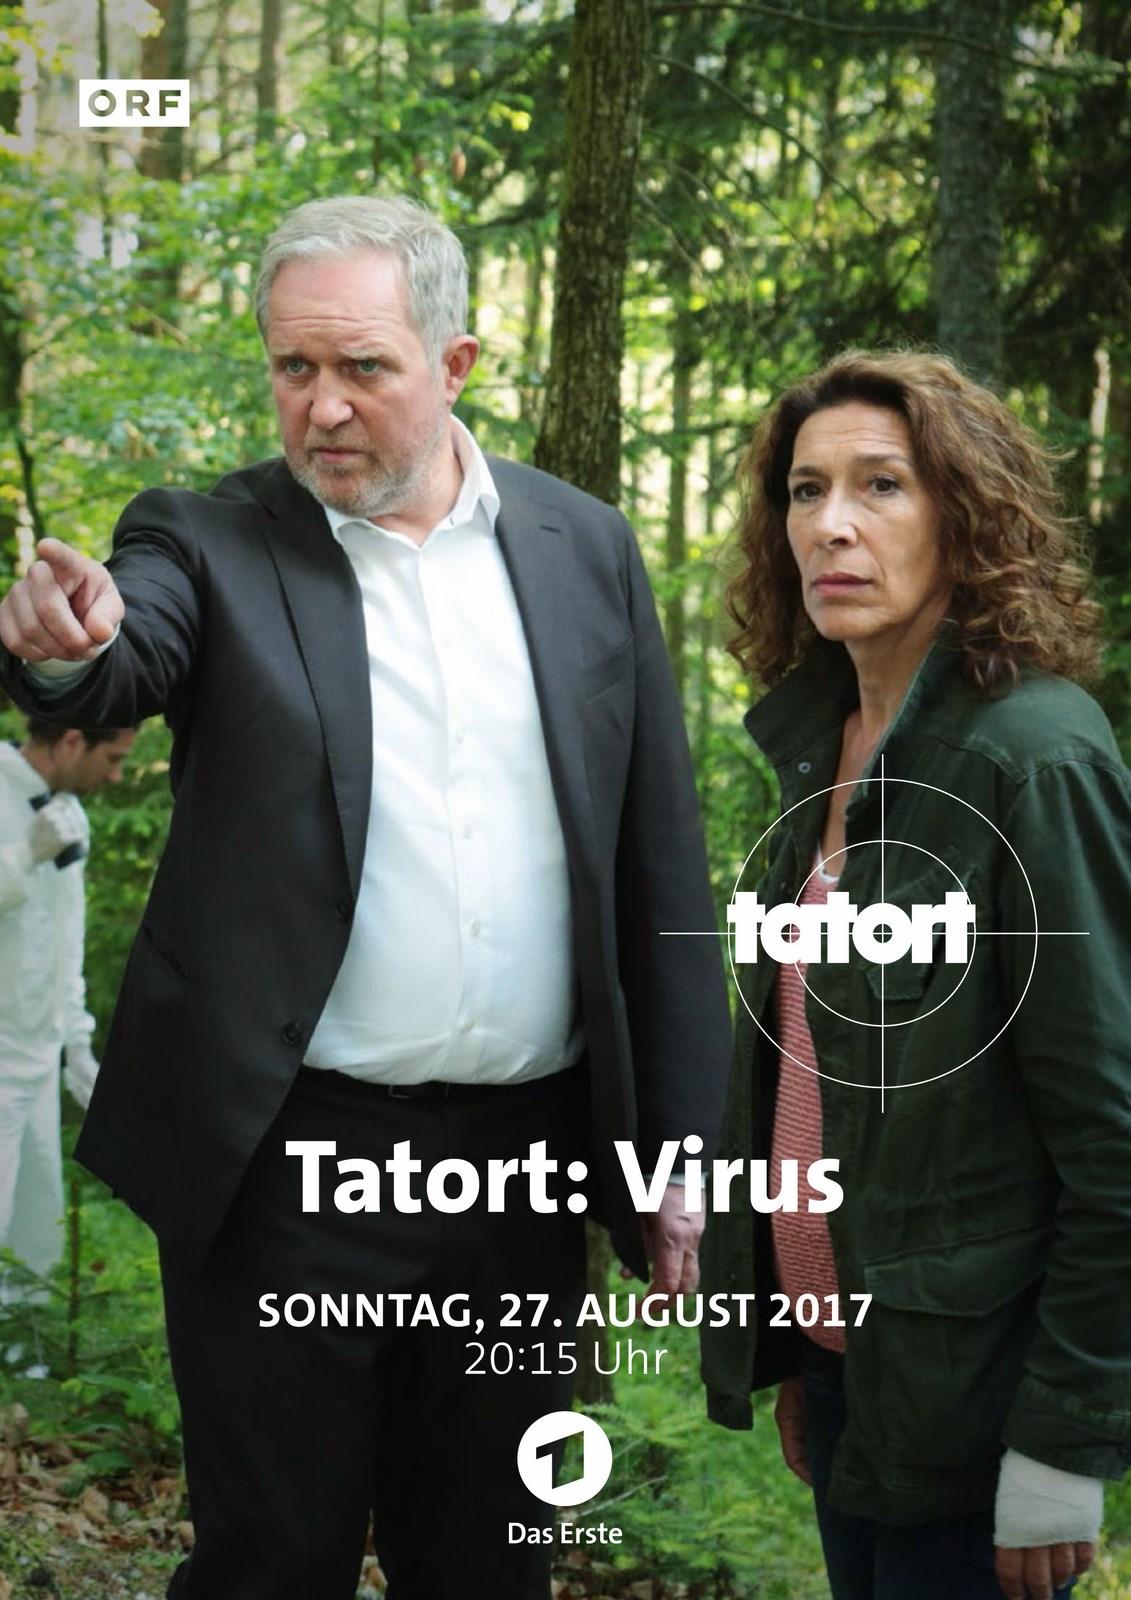 Tatort Virus